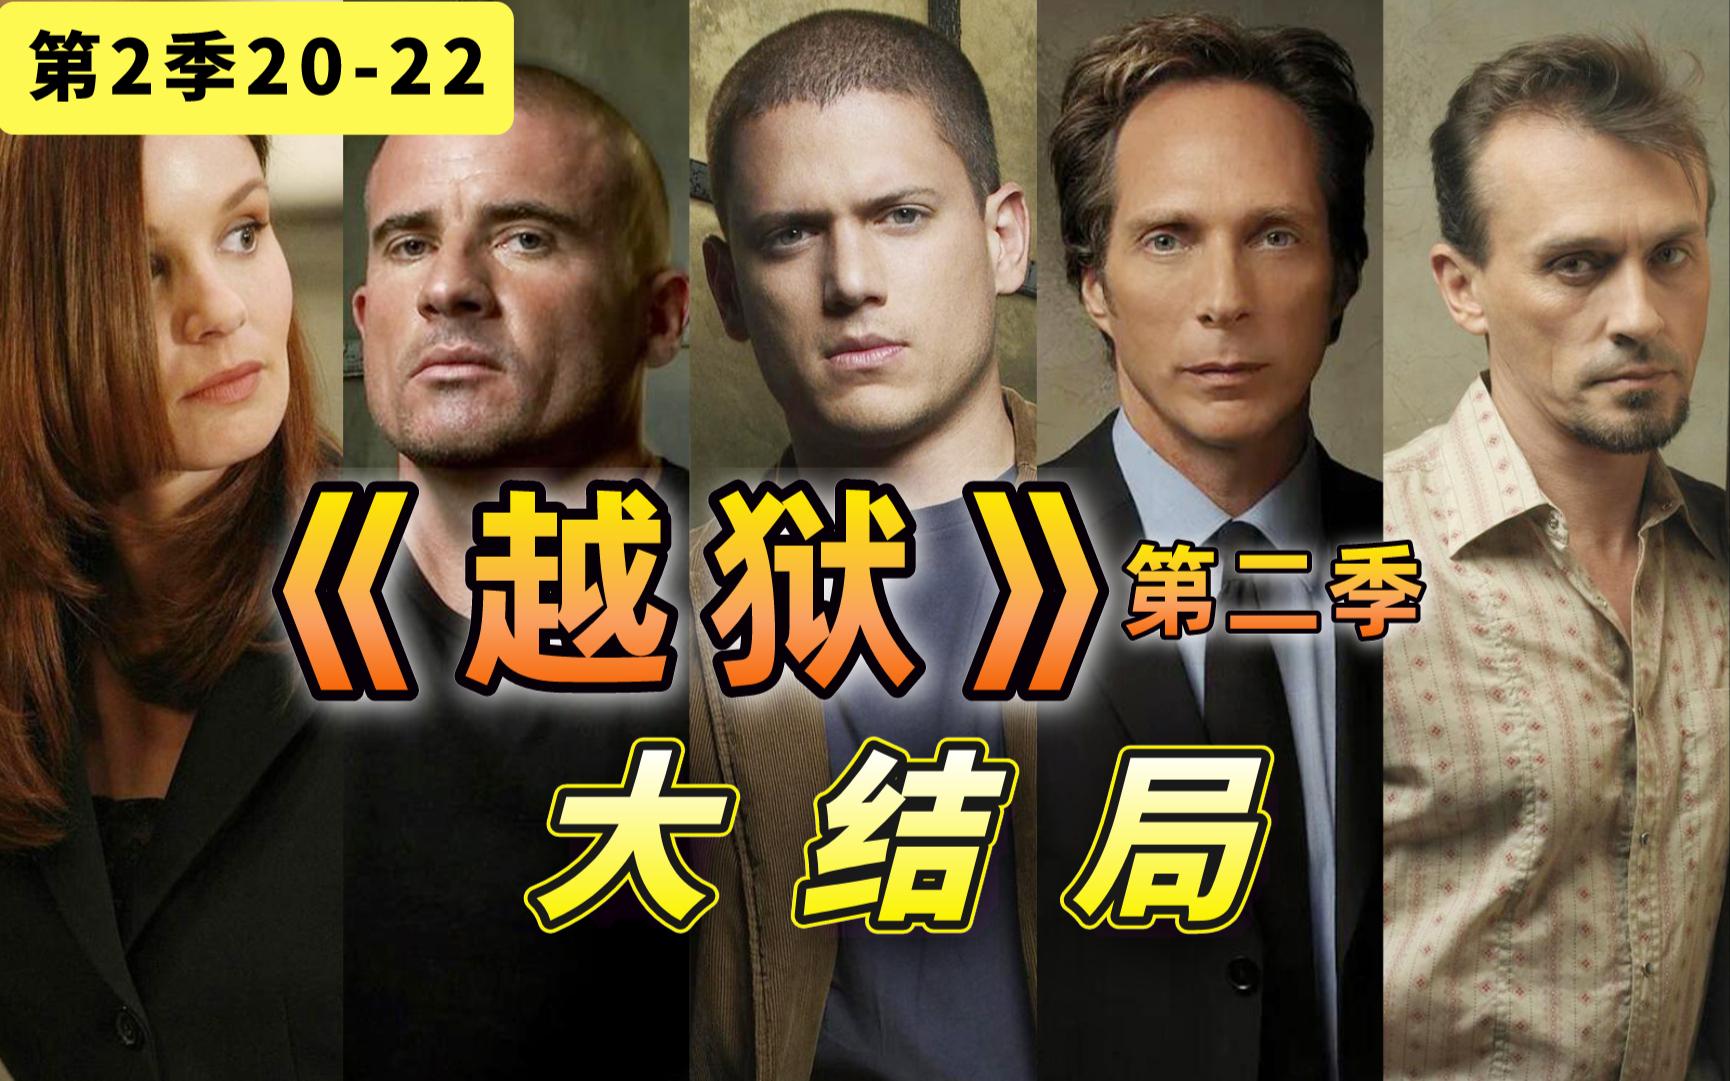 【阿斗】全员演技爆表!再过多少年也看不腻,《越狱》第二季大结局20-22